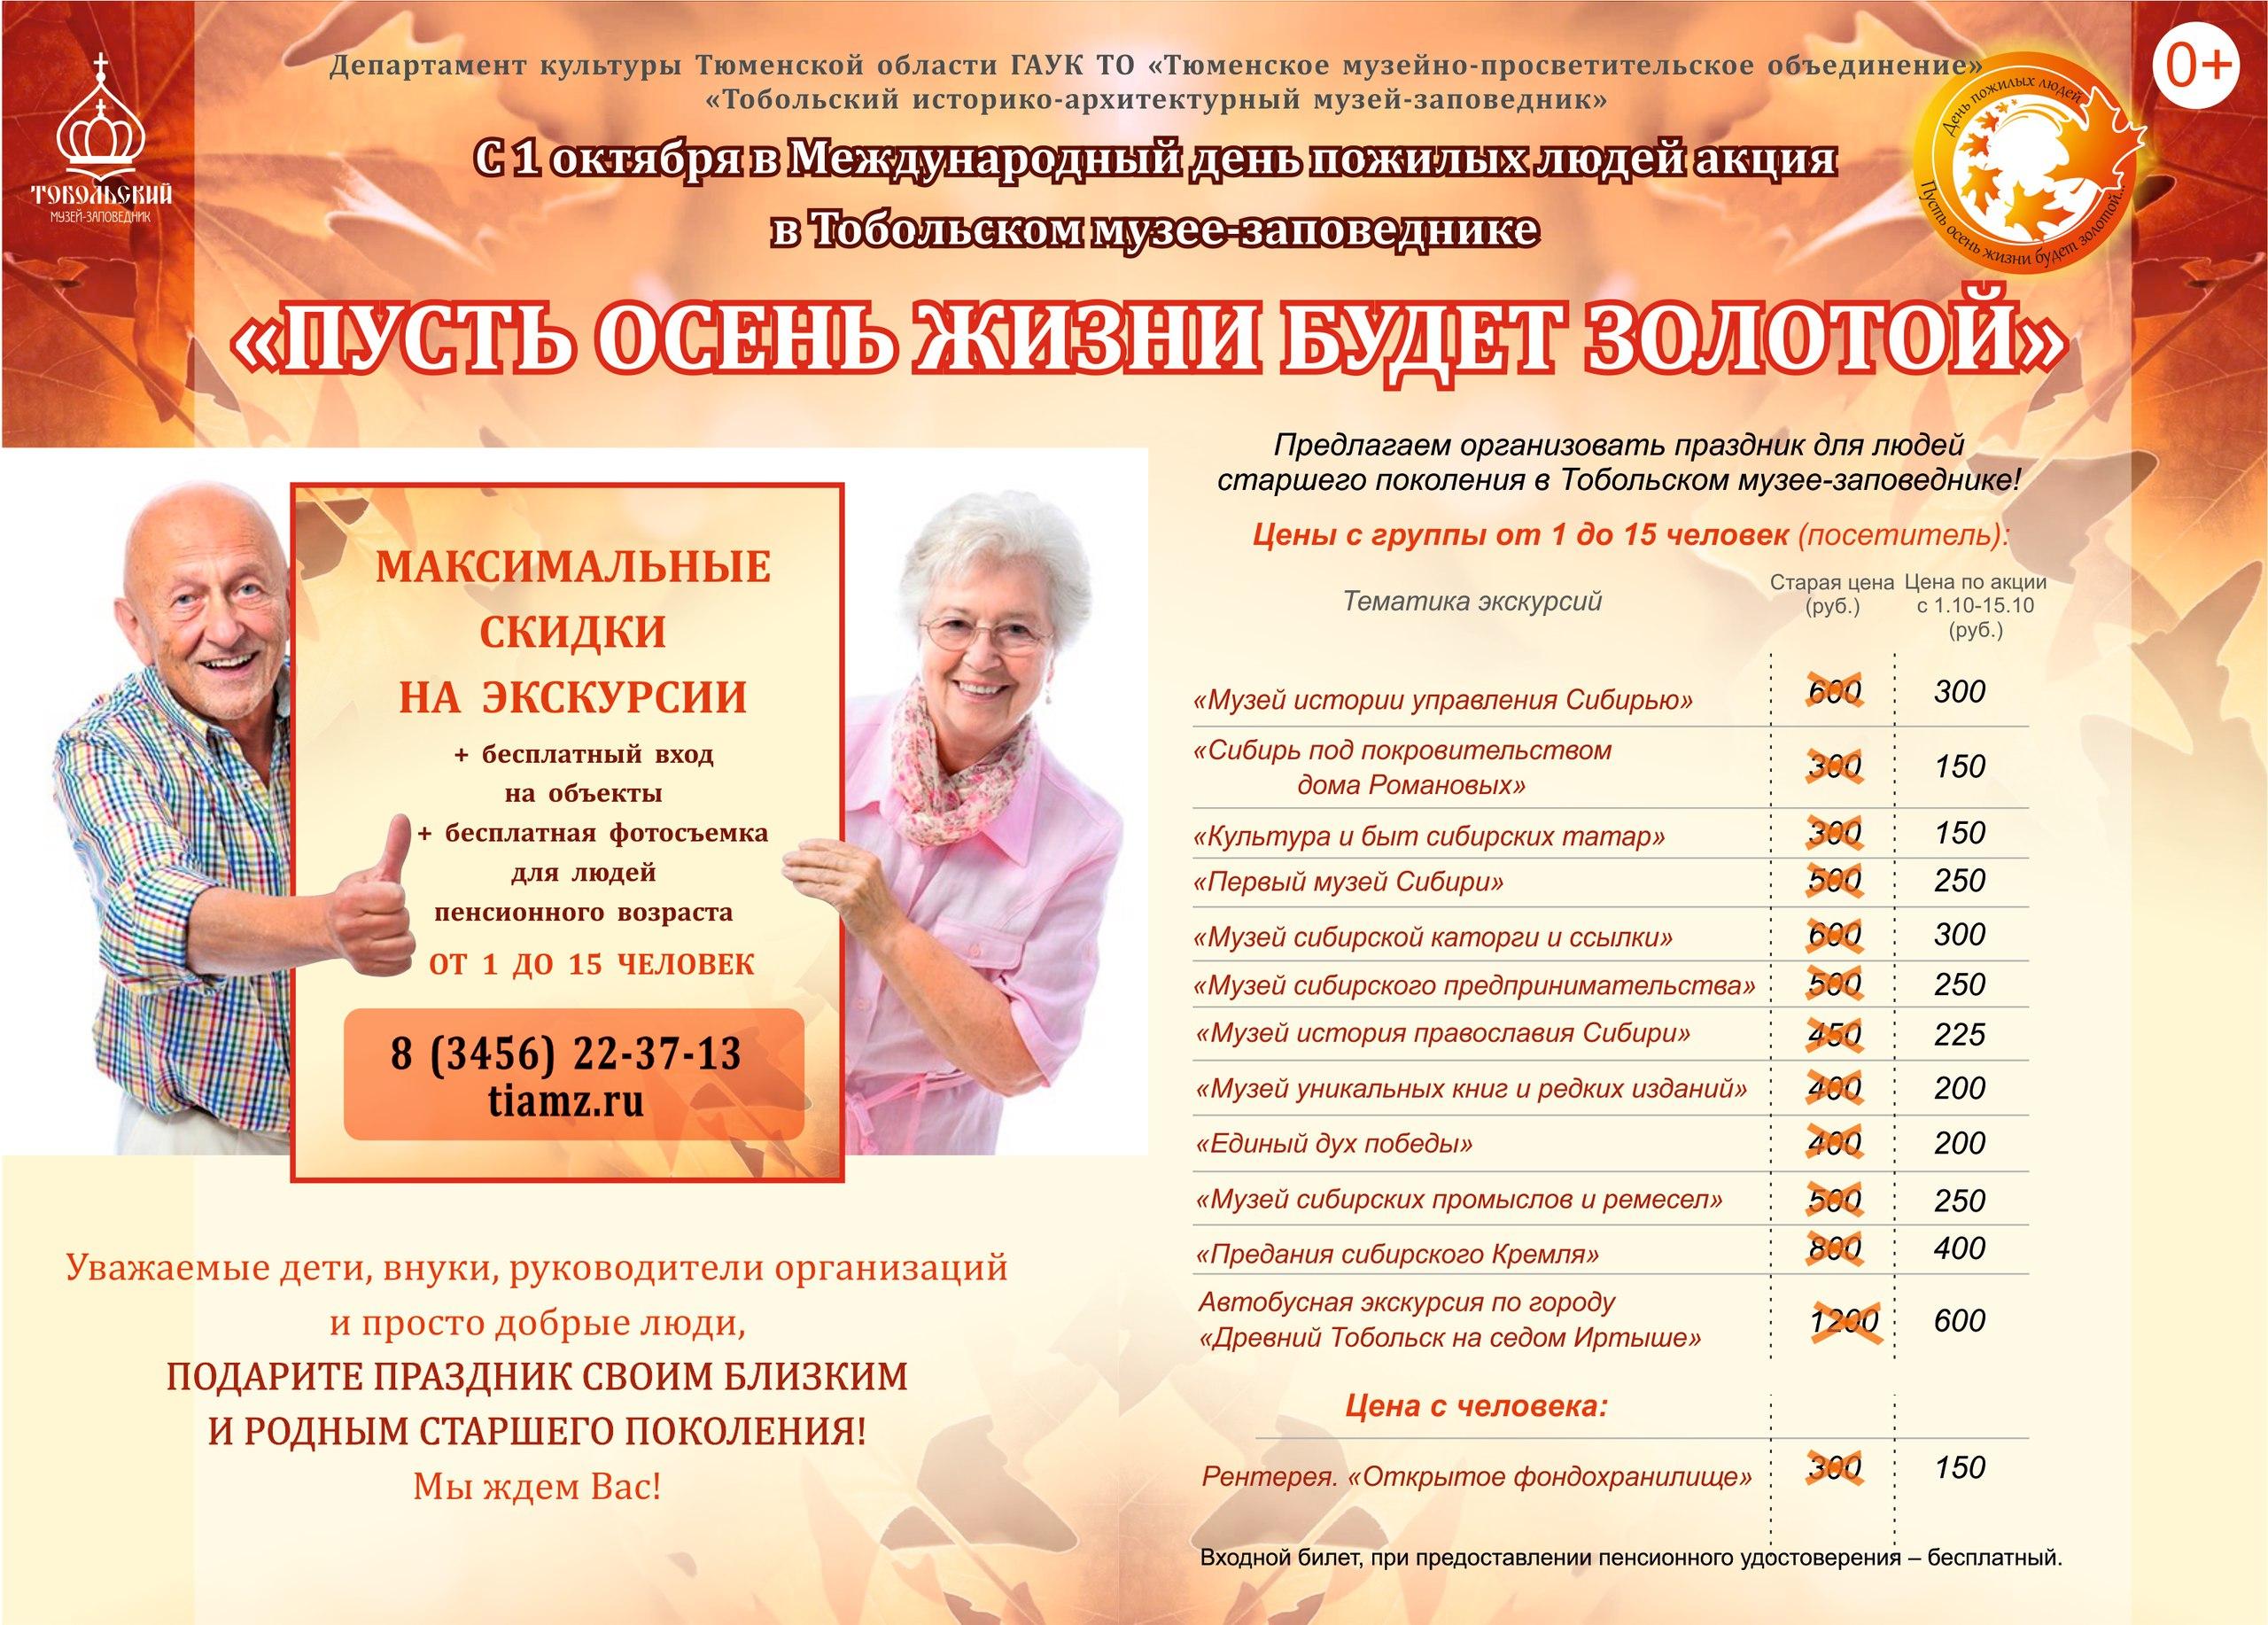 Тобольский историко-архитектурный музей-заповедник проводит акцию «Пусть осень жизни будет золотой»